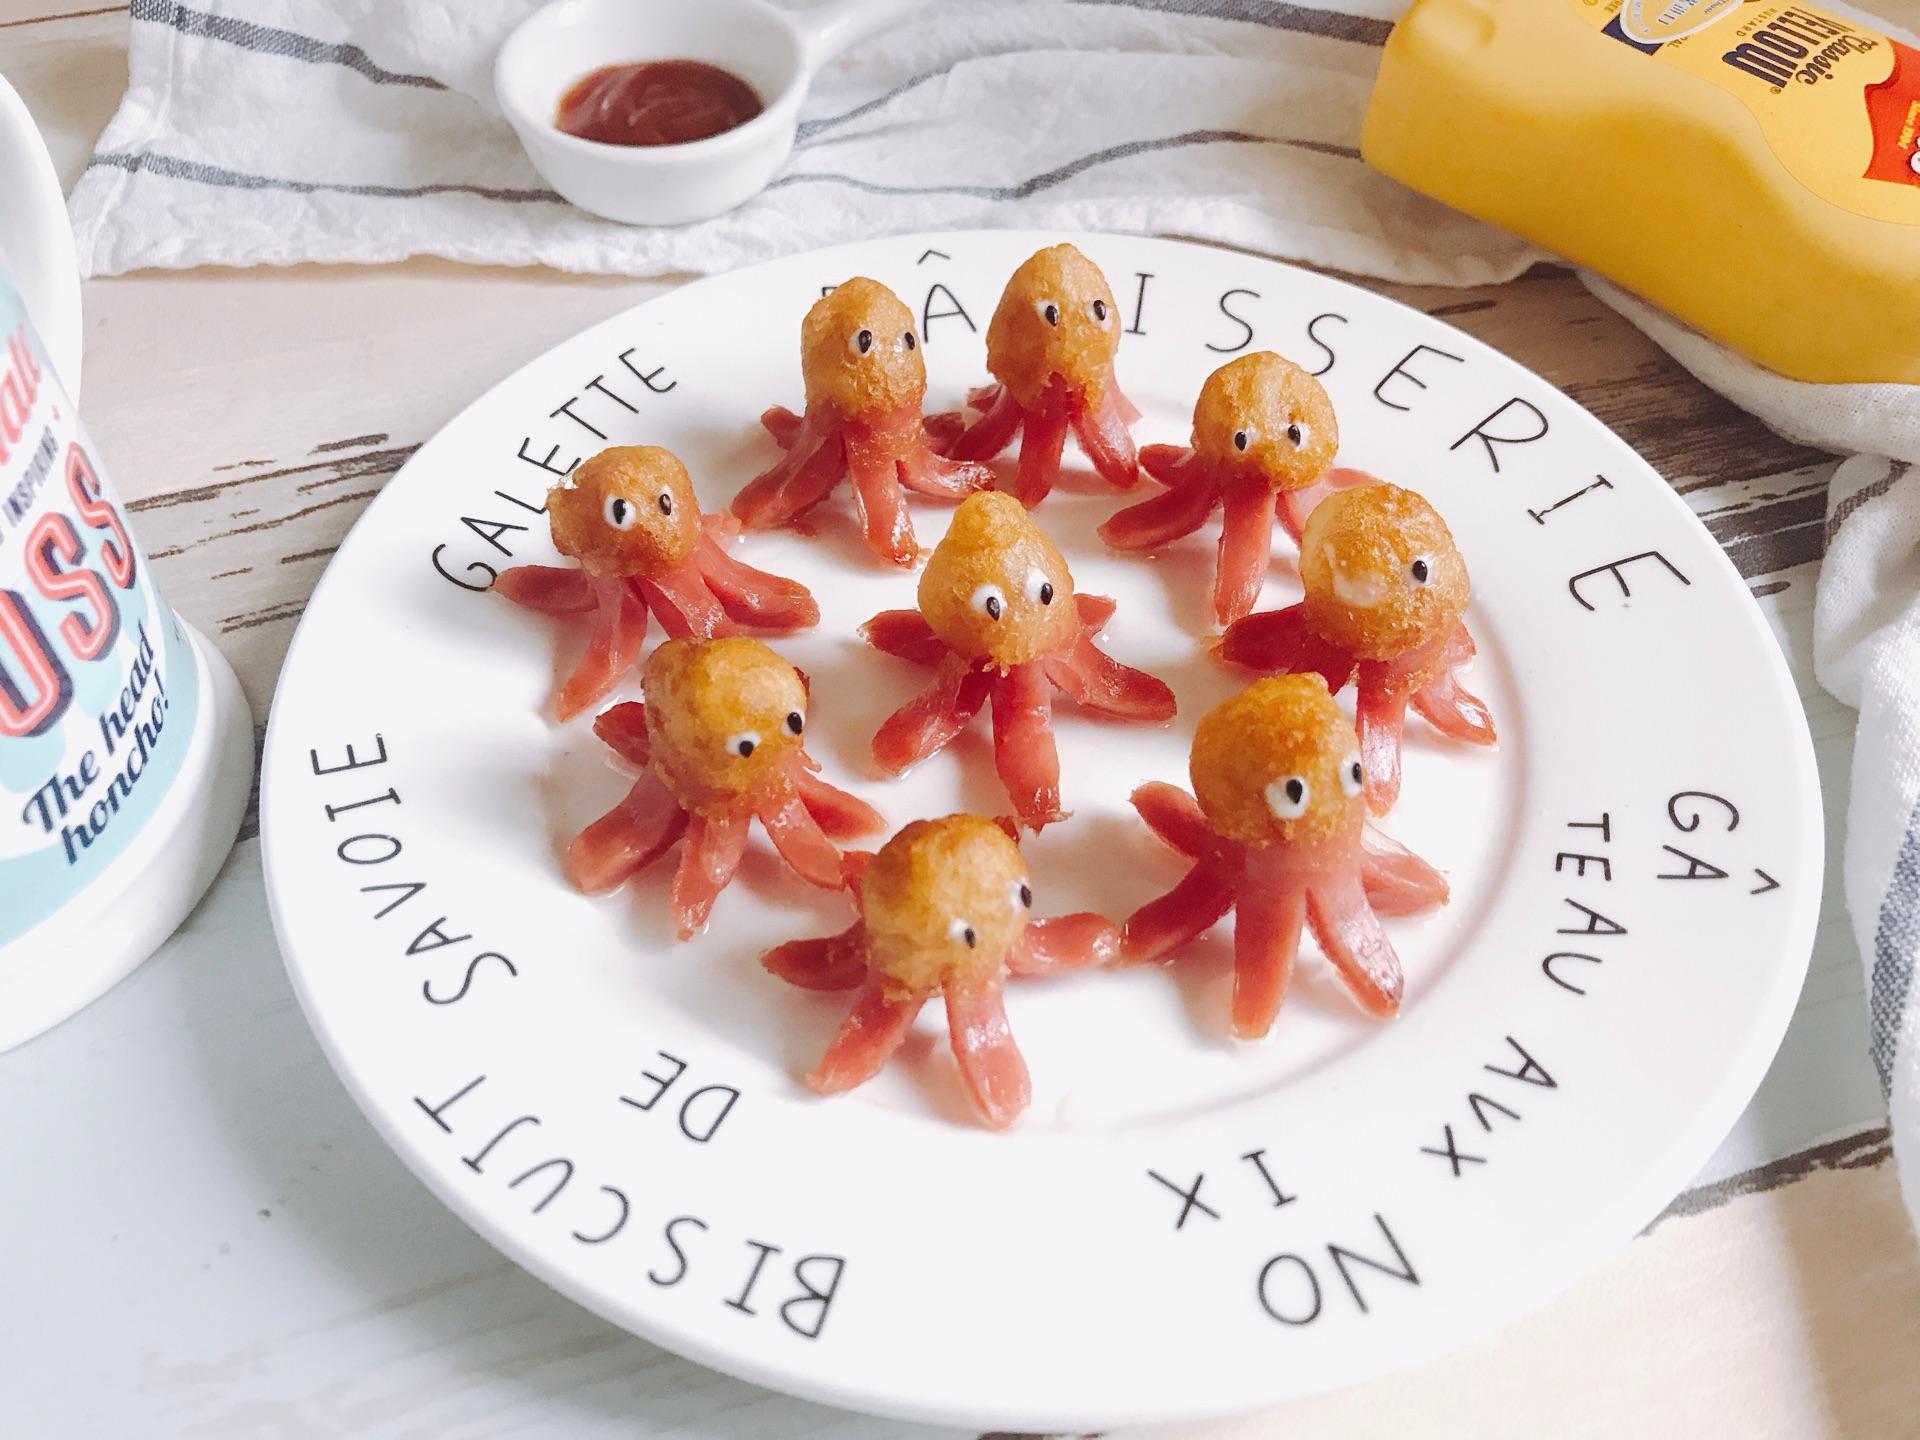 萌萌哒章鱼小香肠 哄宝宝滴超可爱小吃 简单快手